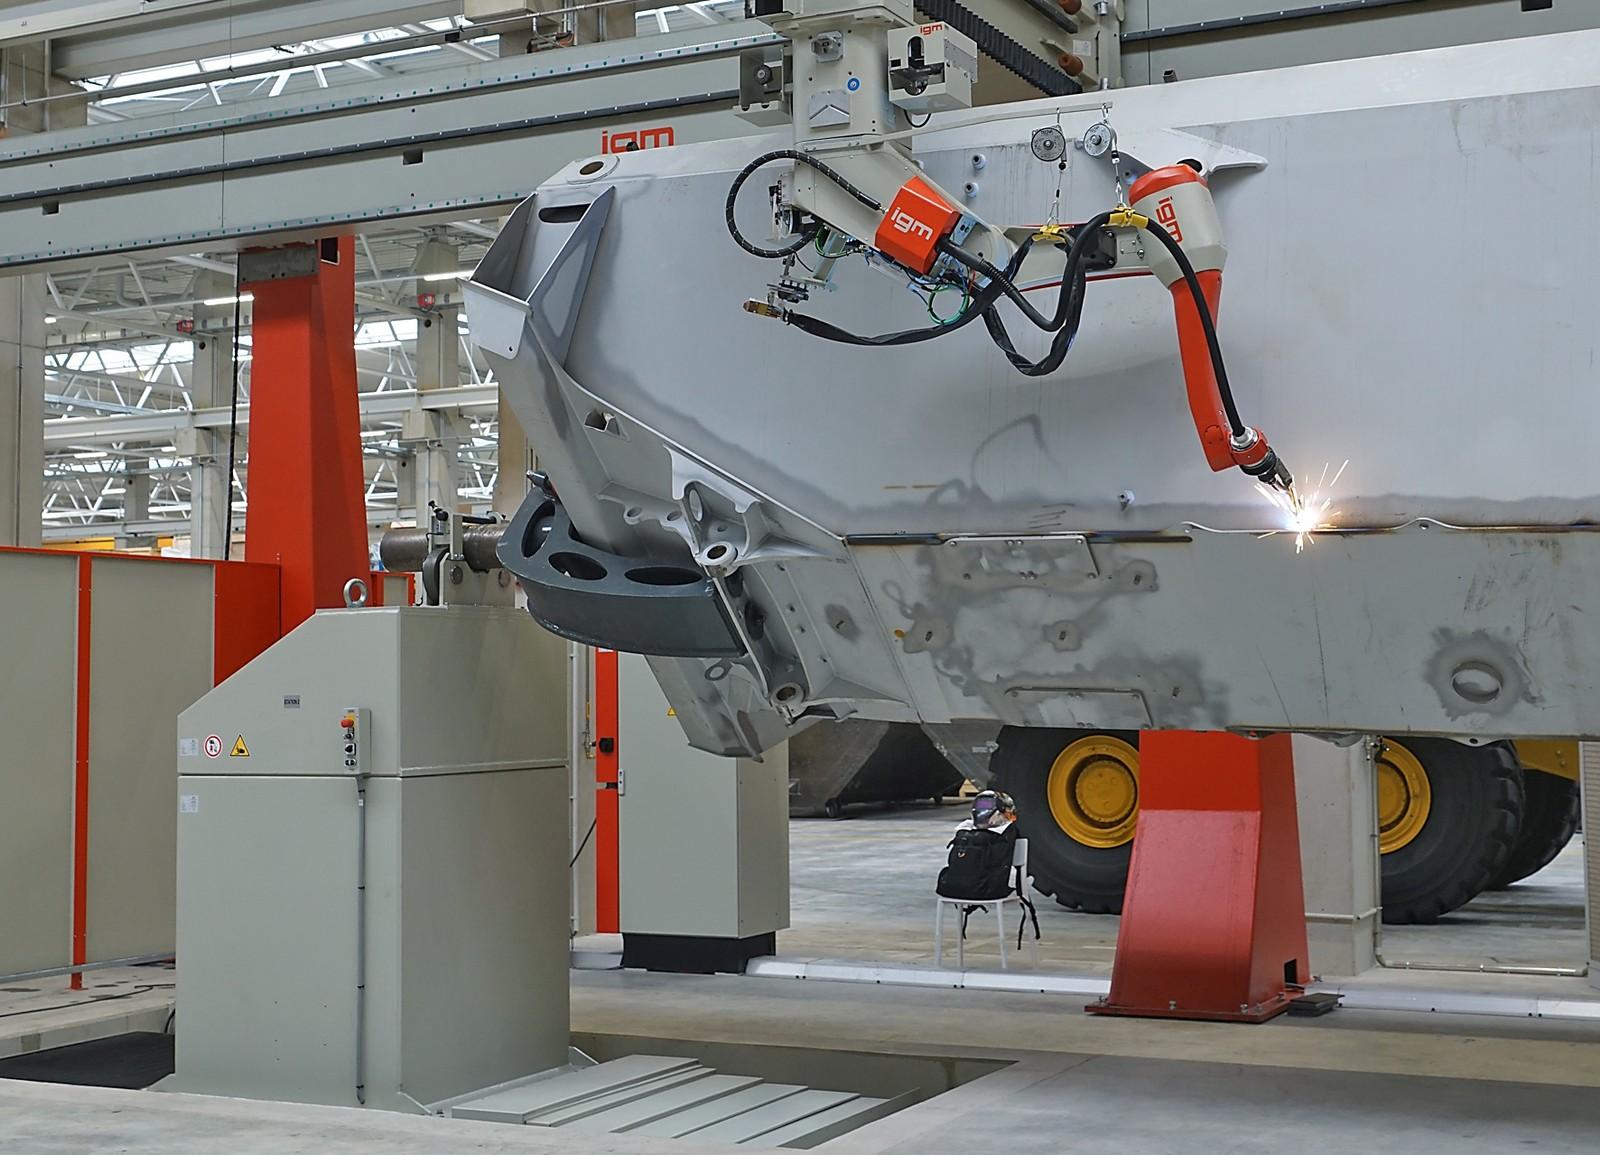 CNC-gesteuerte Schweißroboter sorgen für ein gleichbleibend hohes Finish der bis zu 10 t schweren Muldenkörper.